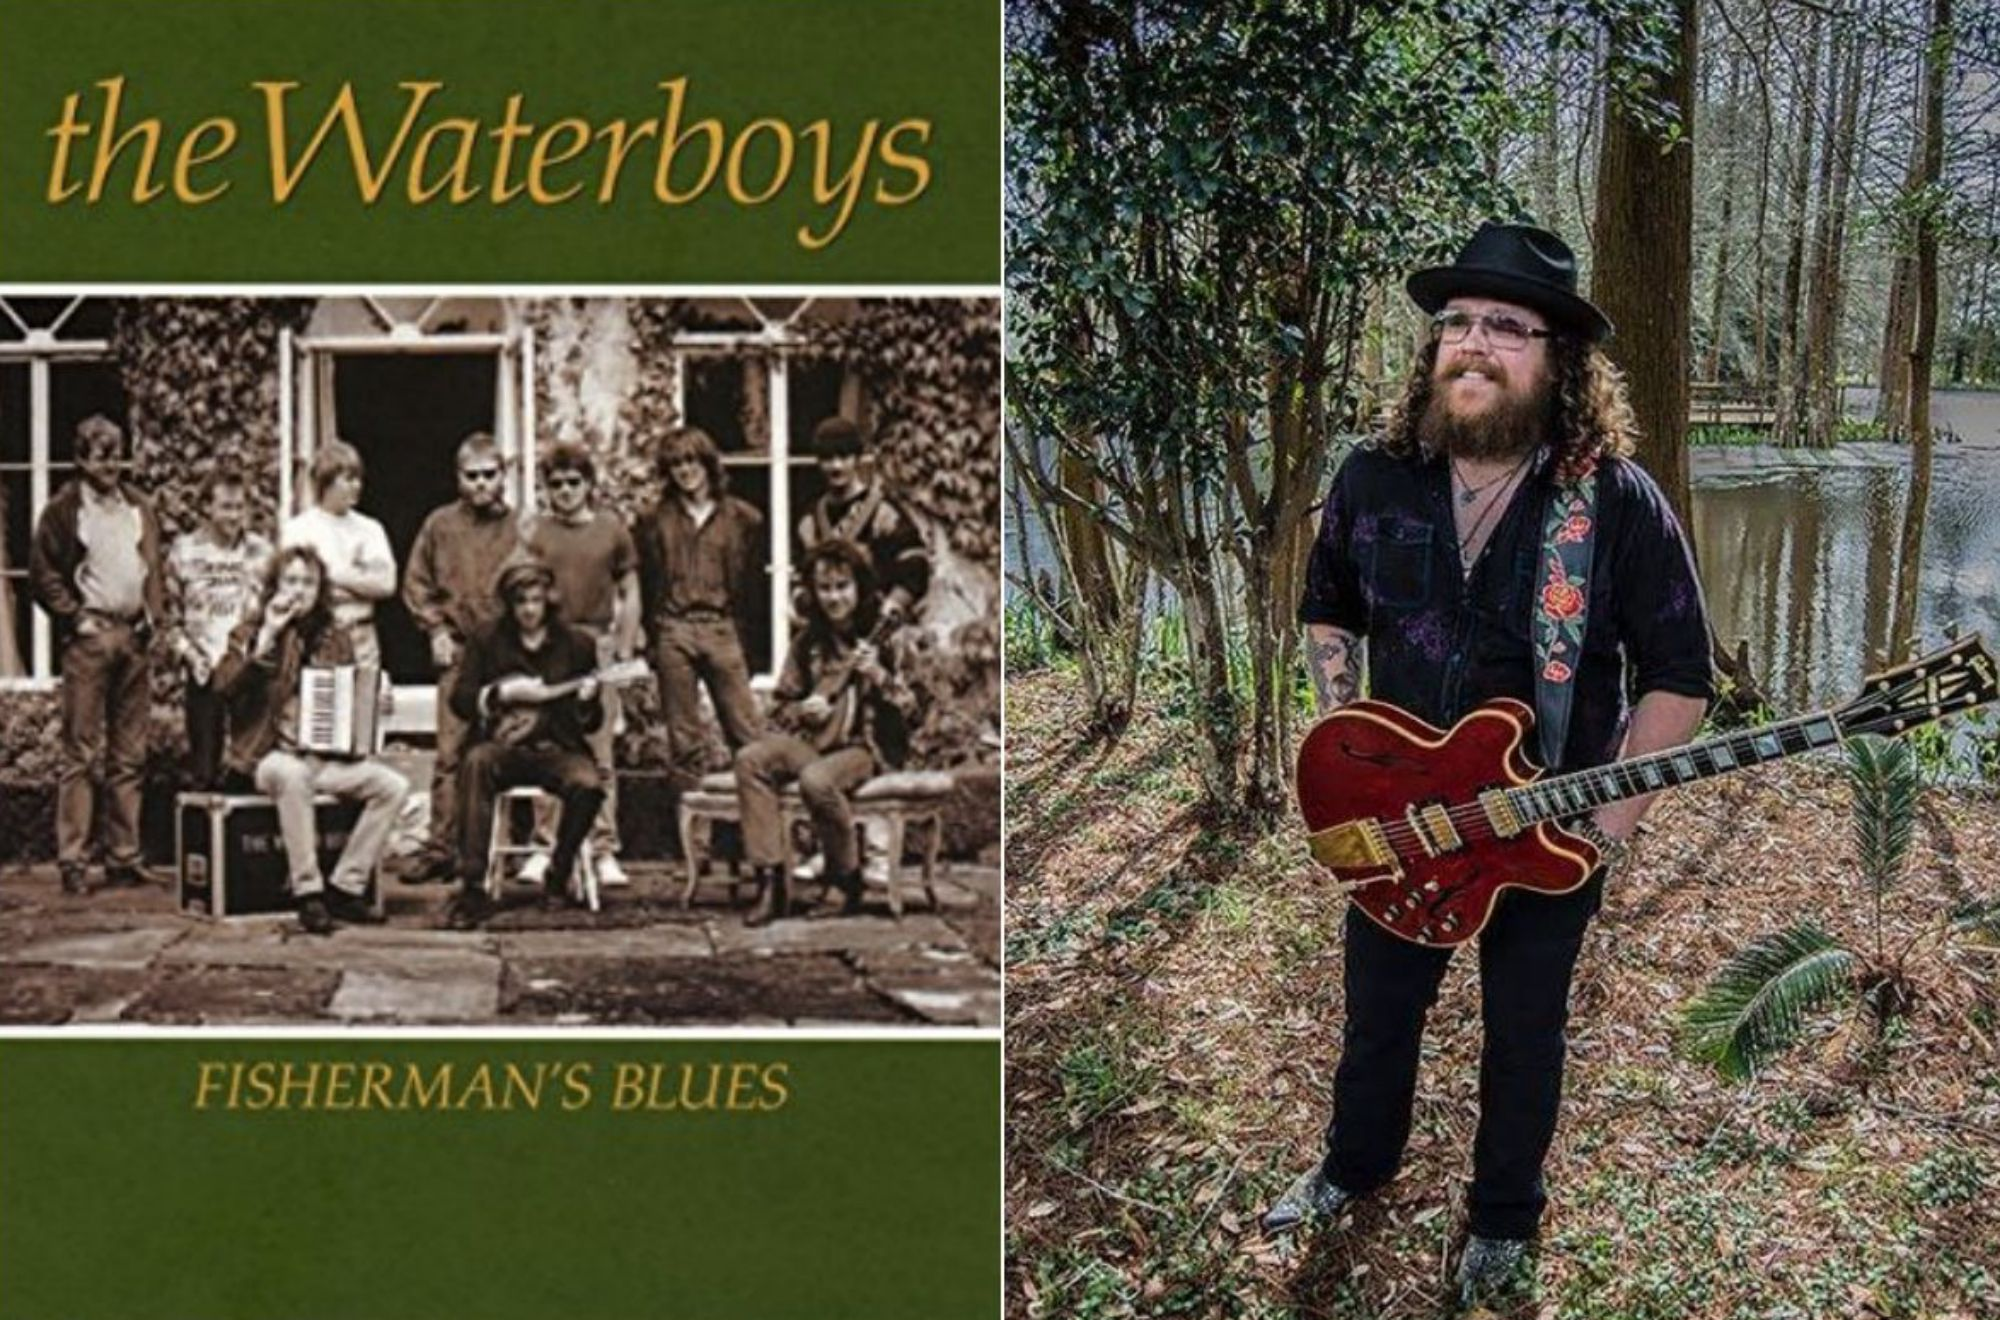 Músicos de Inglaterra, Escocia e Irlanda formaban esta banda legendaria. Fotos: Facebook The Waterboys.